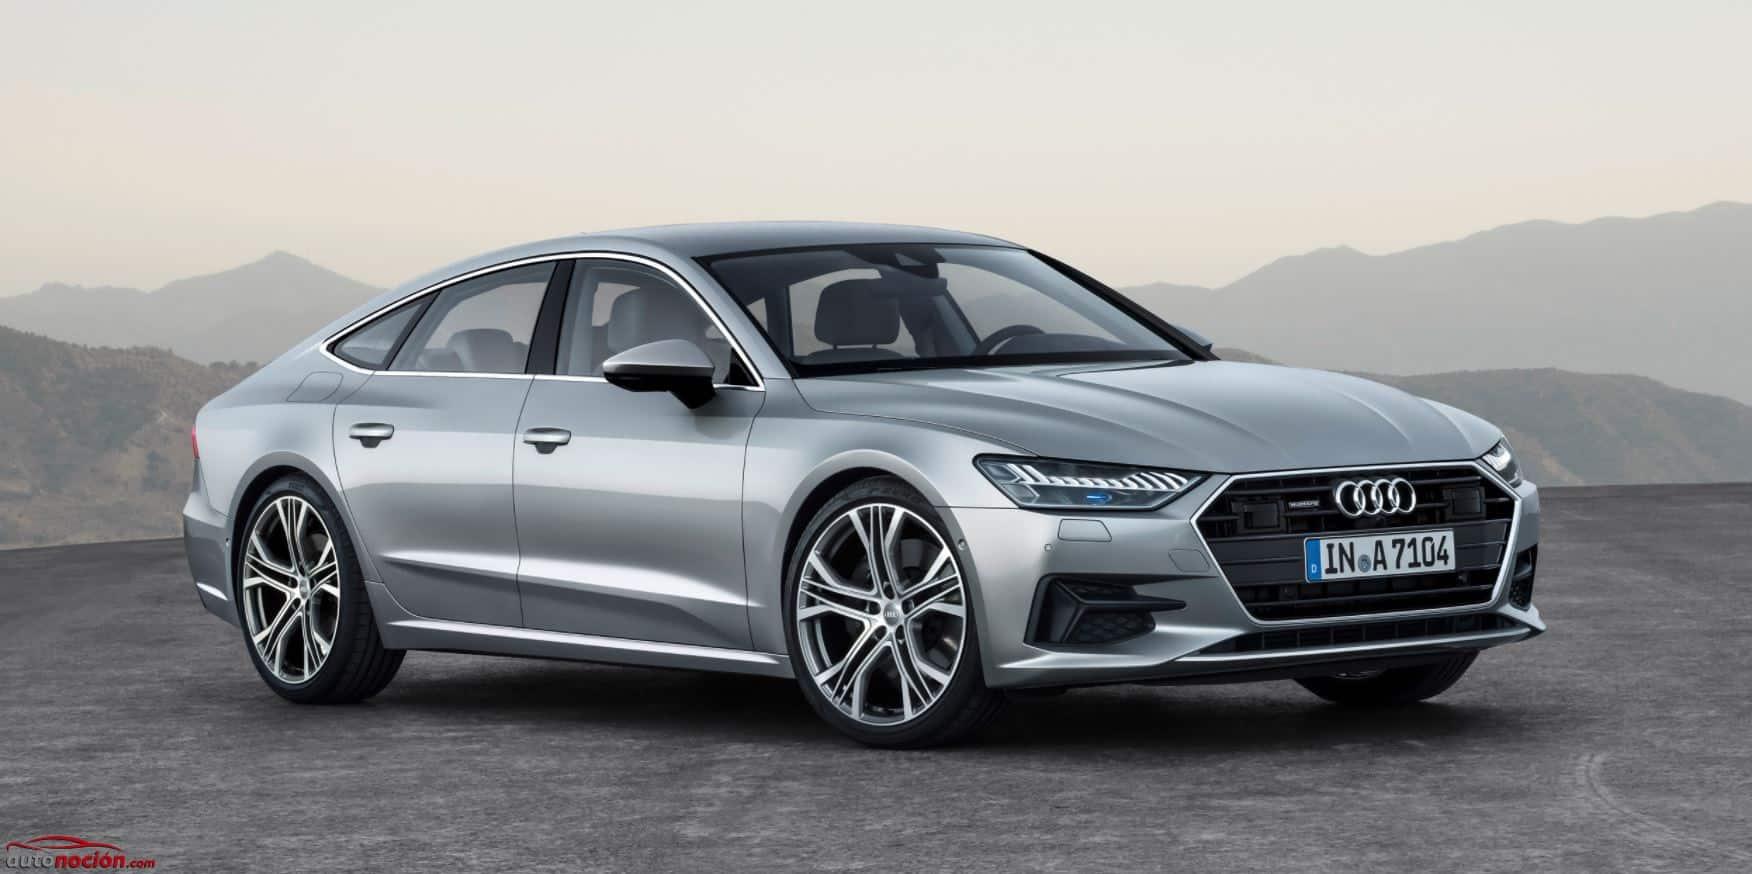 Ya puedes reservar el nuevo Audi A7 Sportback: Aquí su precio